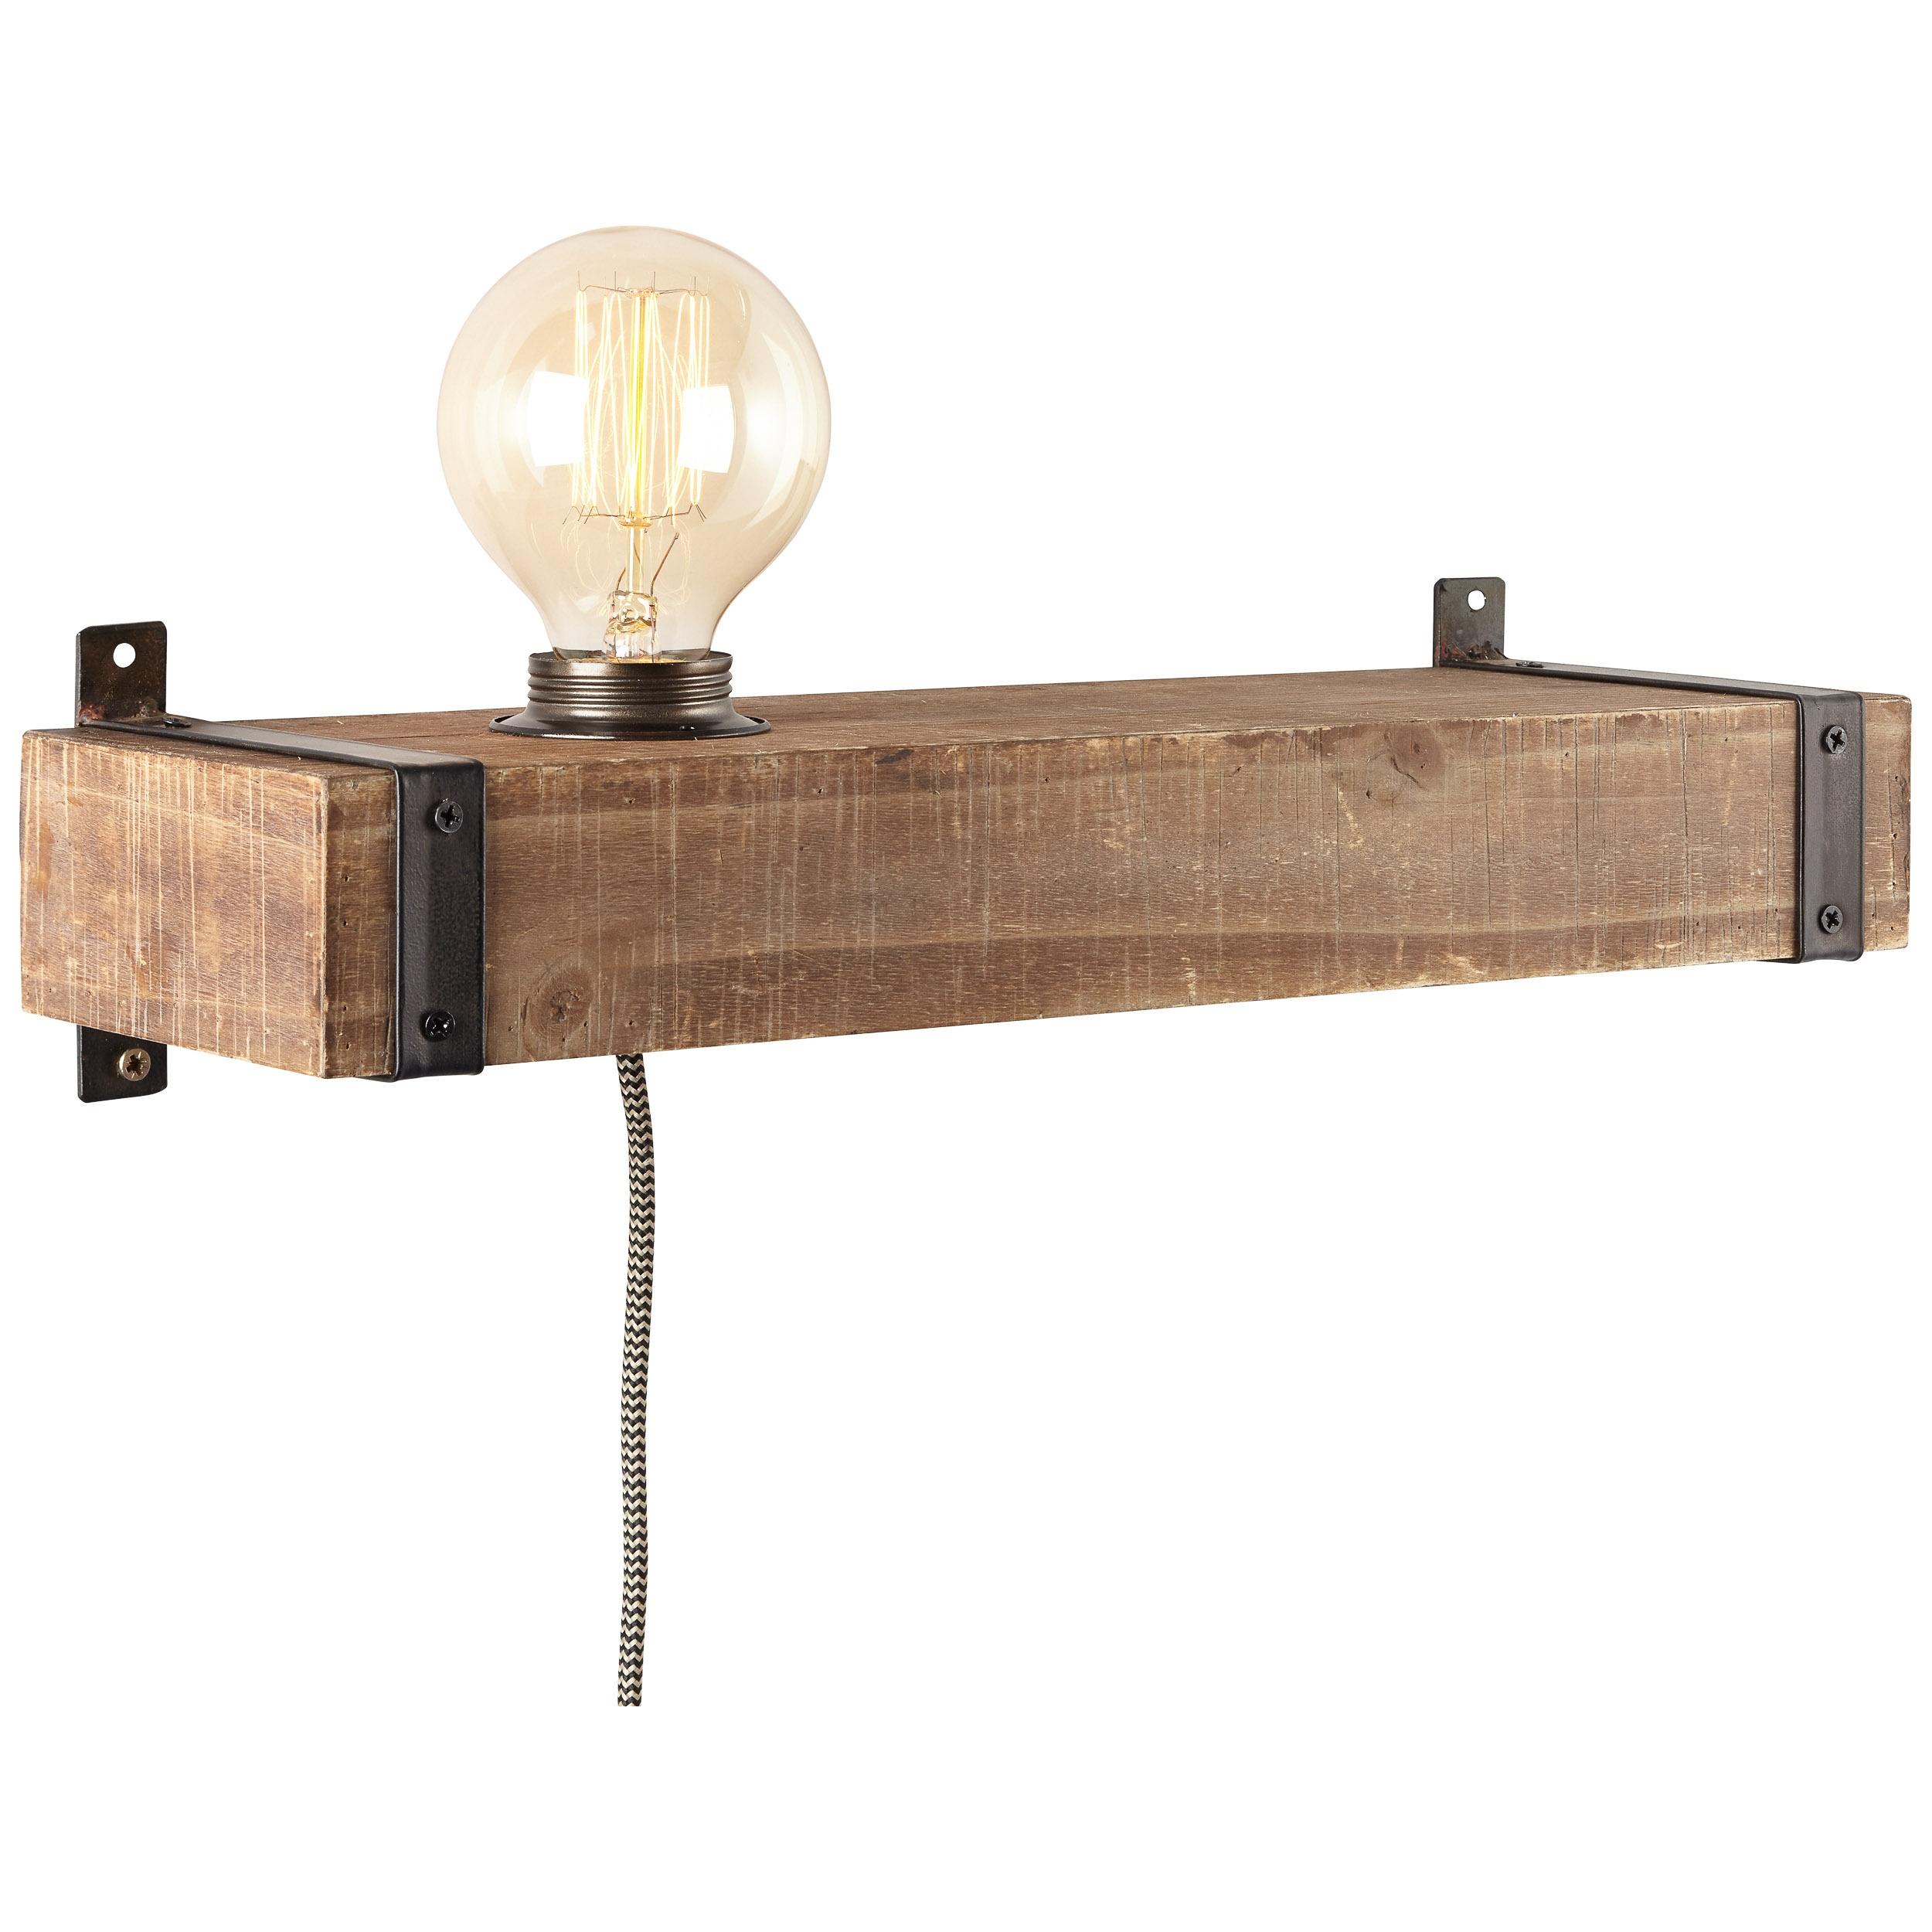 Brilliant Leuchten Woodhill Wandleuchte mit Zuleitung und Schalter antik/schwarz